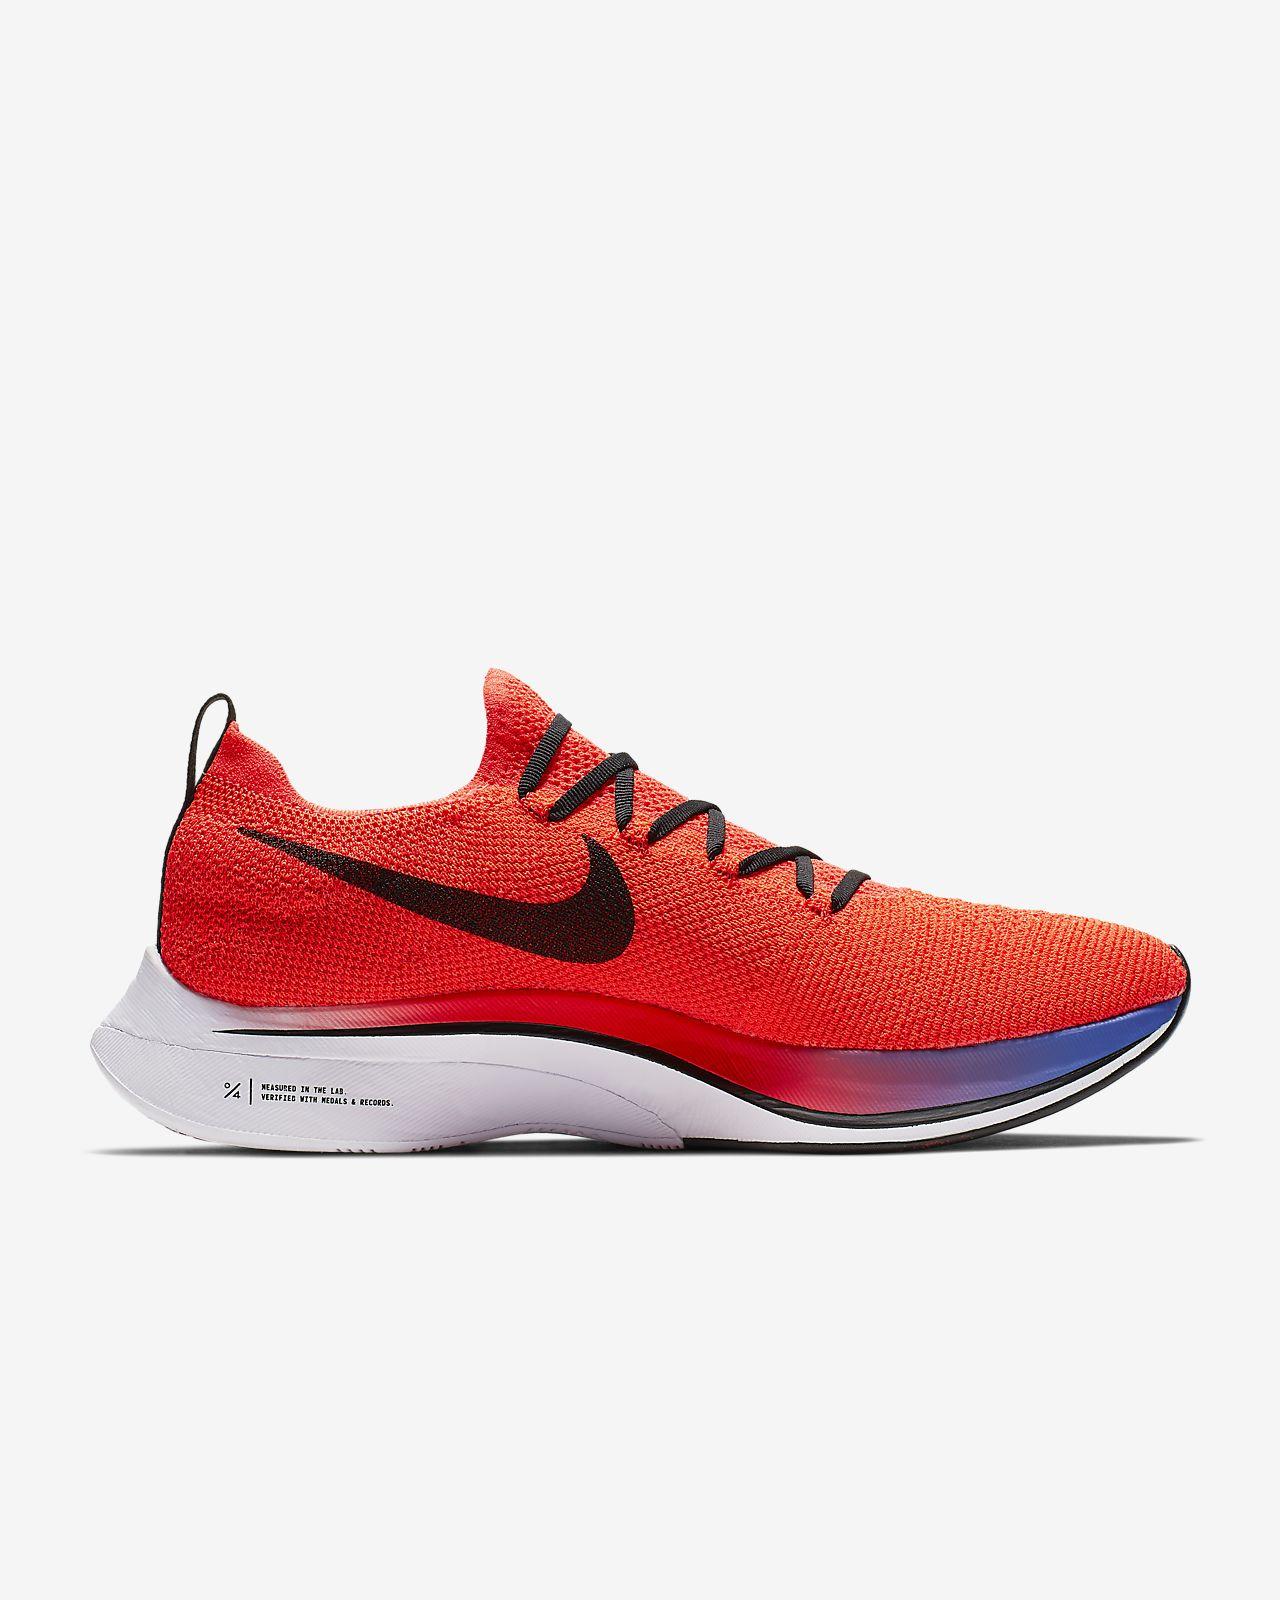 e2f997e87444a Low Resolution Buty do biegania Nike Vaporfly 4% Flyknit Buty do biegania  Nike Vaporfly 4% Flyknit